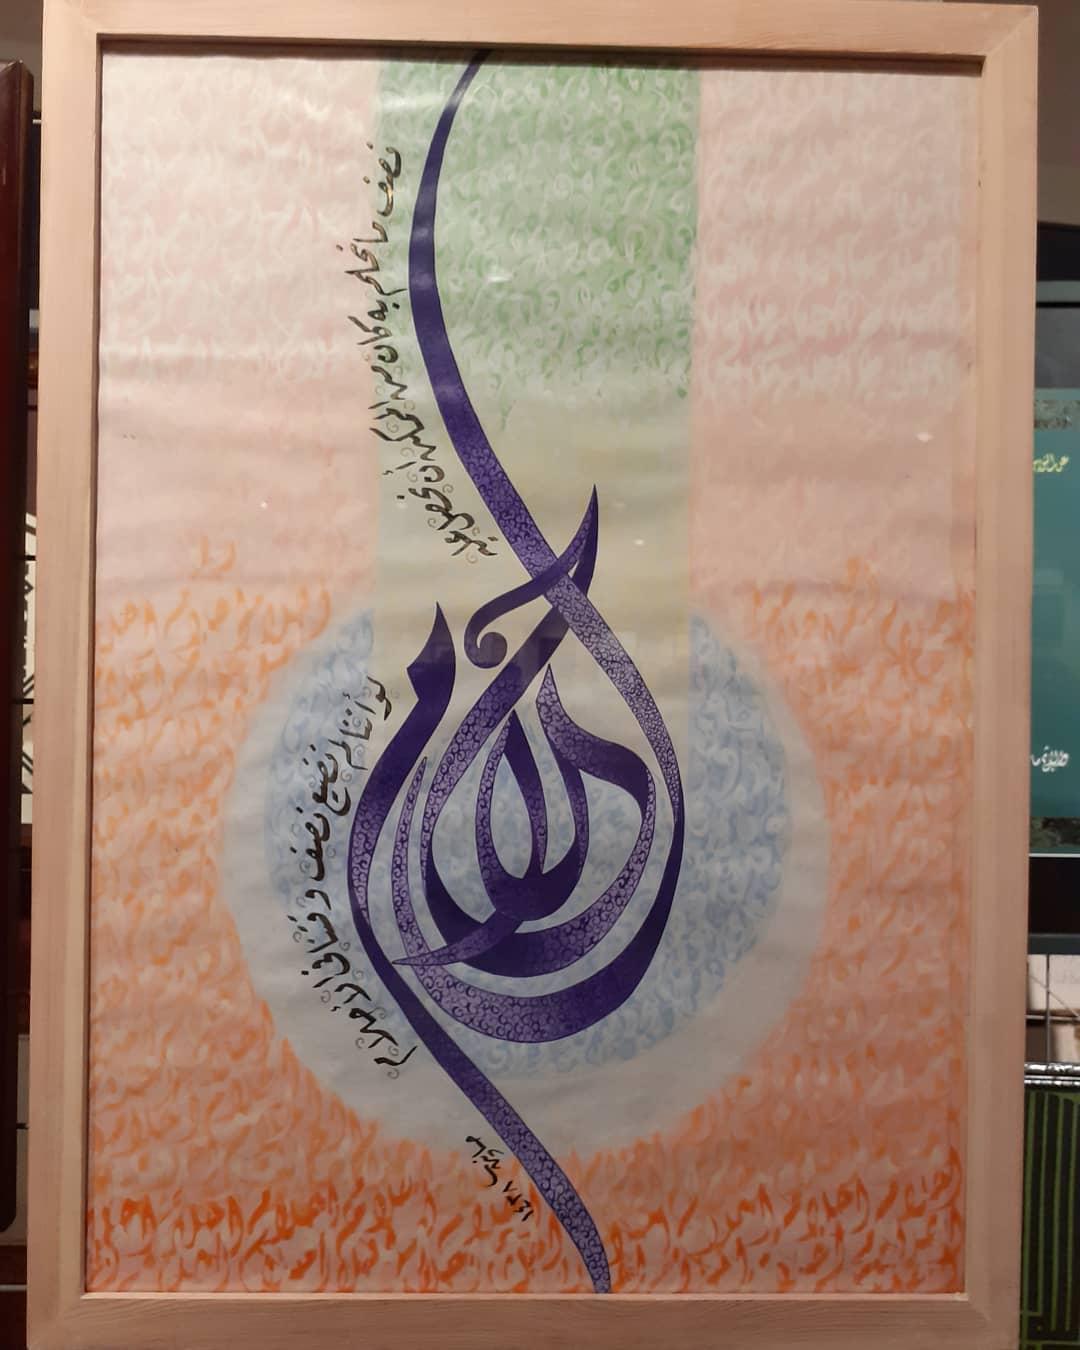 Karya Kaligrafi نصف ما نحلم به كان من الممكن أن نحصل عليه .. لو أننا لم نضيع نصف وقتنا في الأحلا…- H Mokhtar